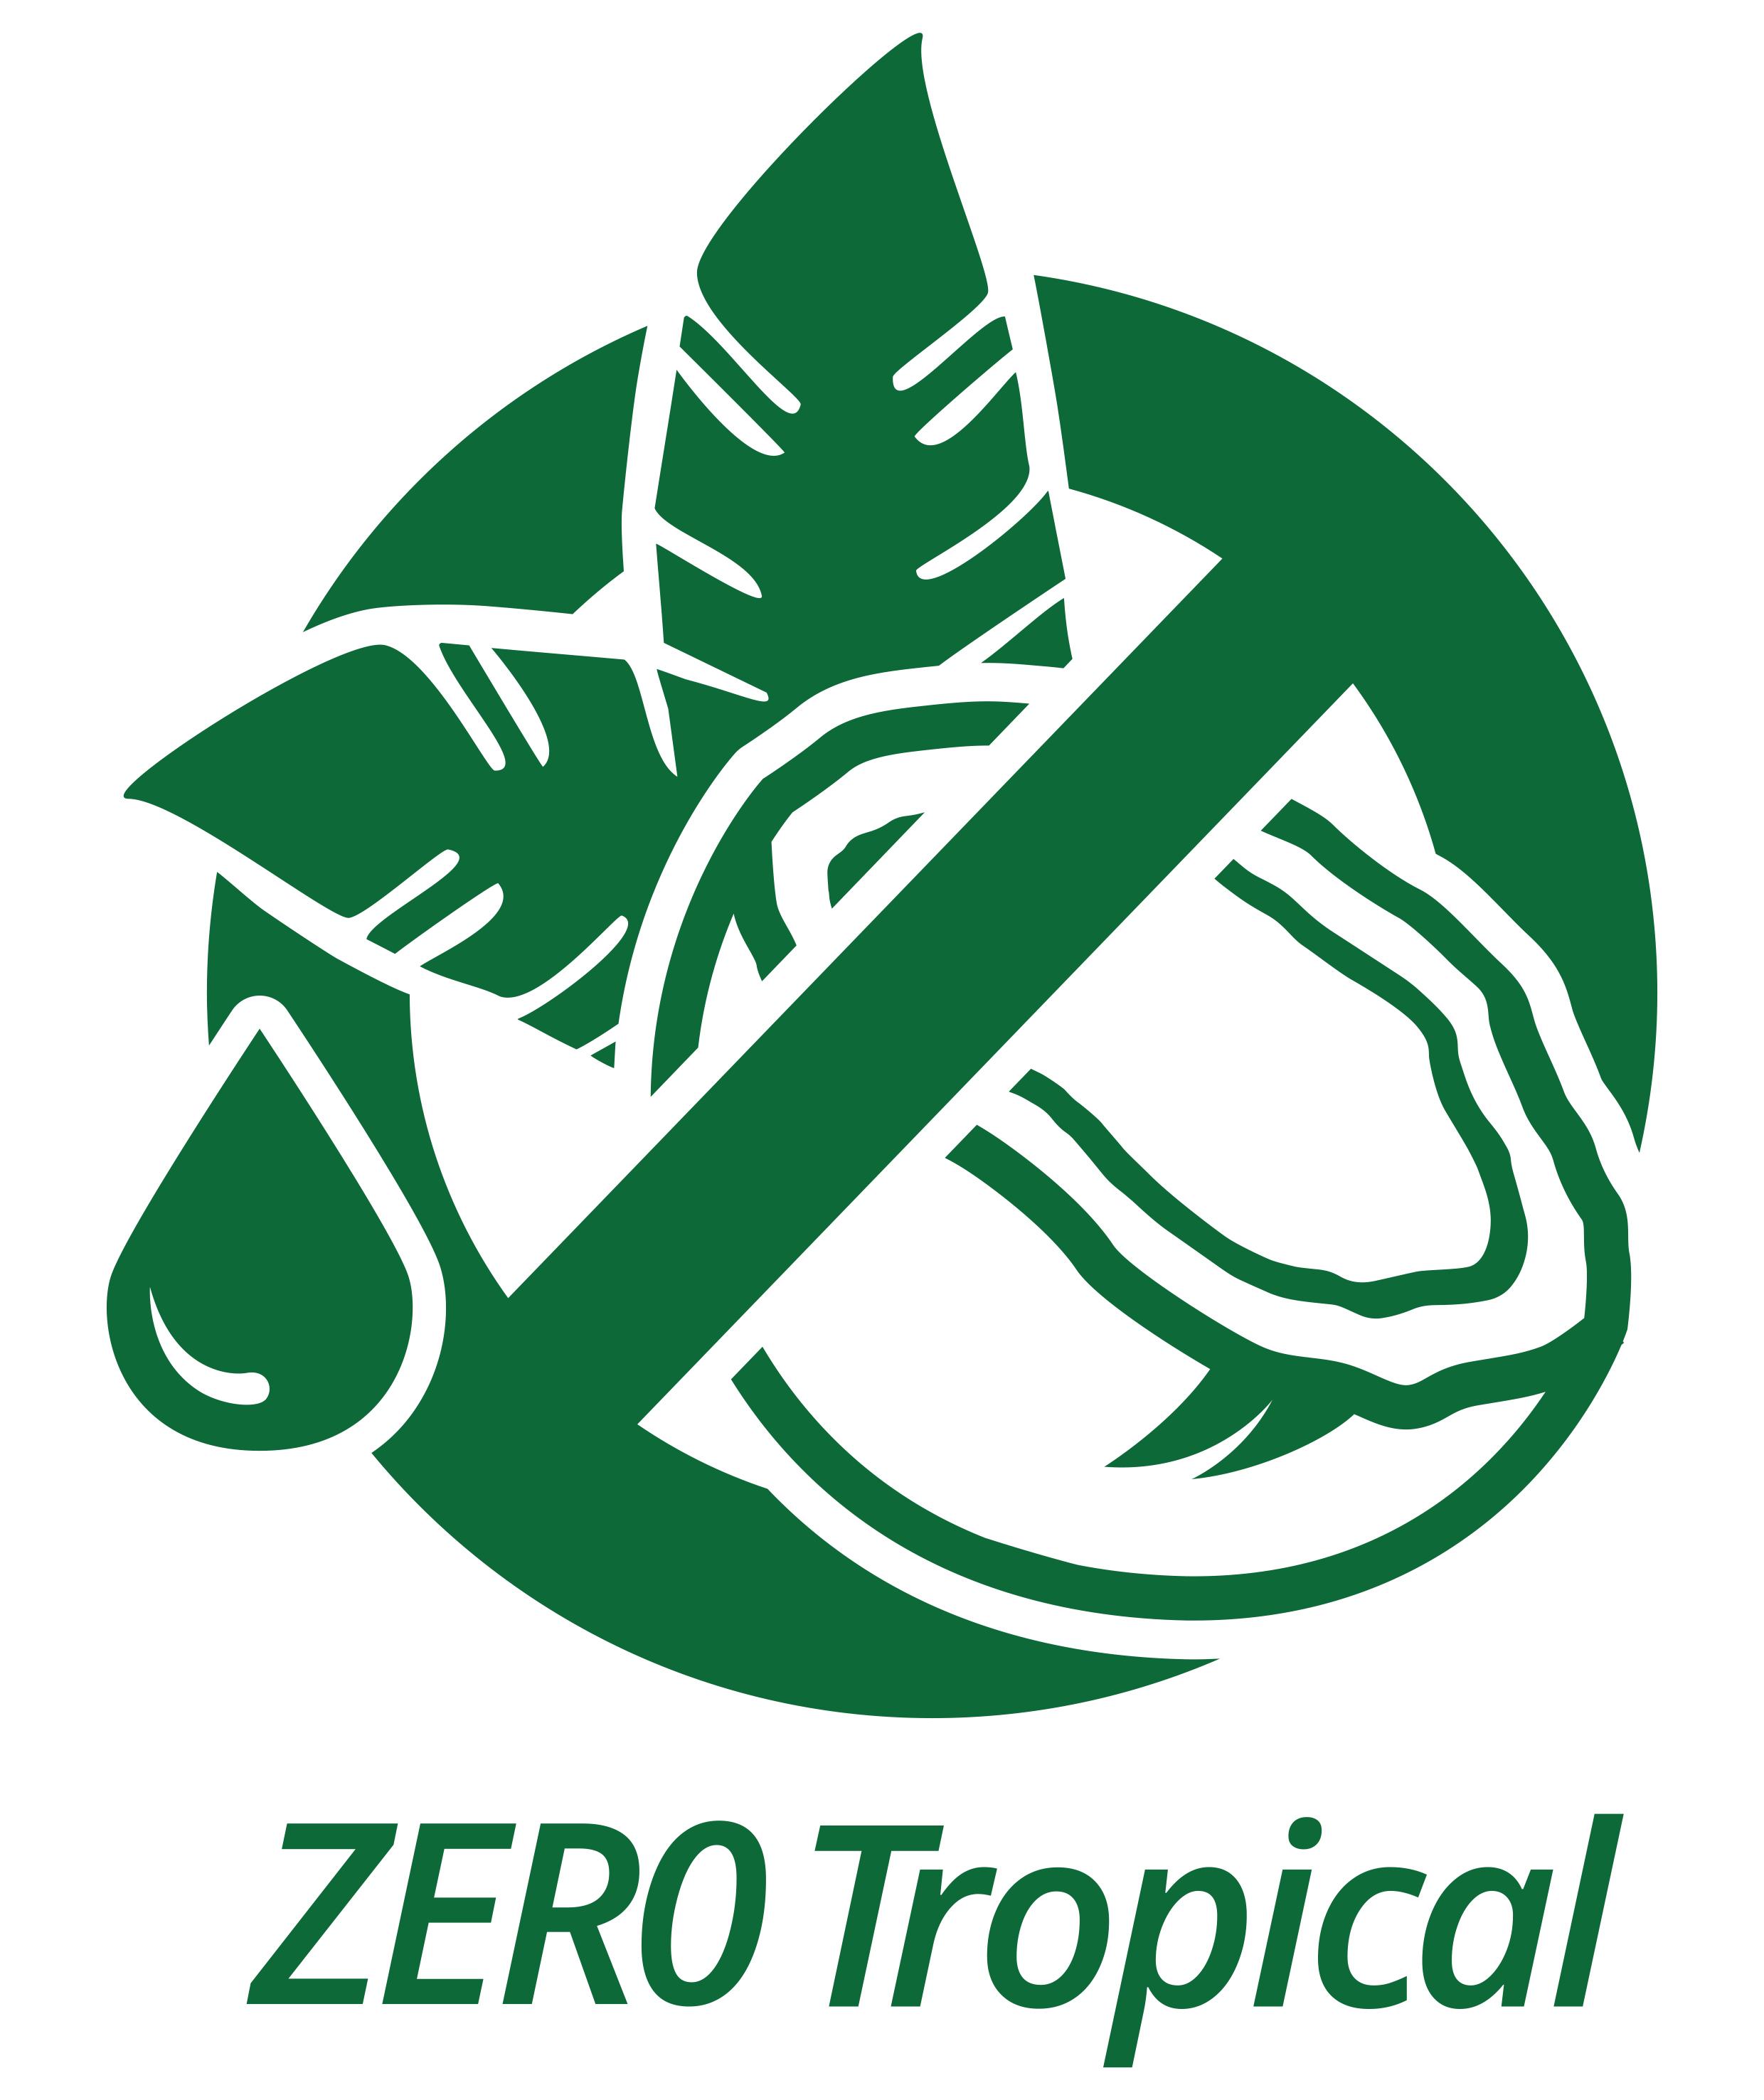 RZ SENN Logo Zero Tropical 210506